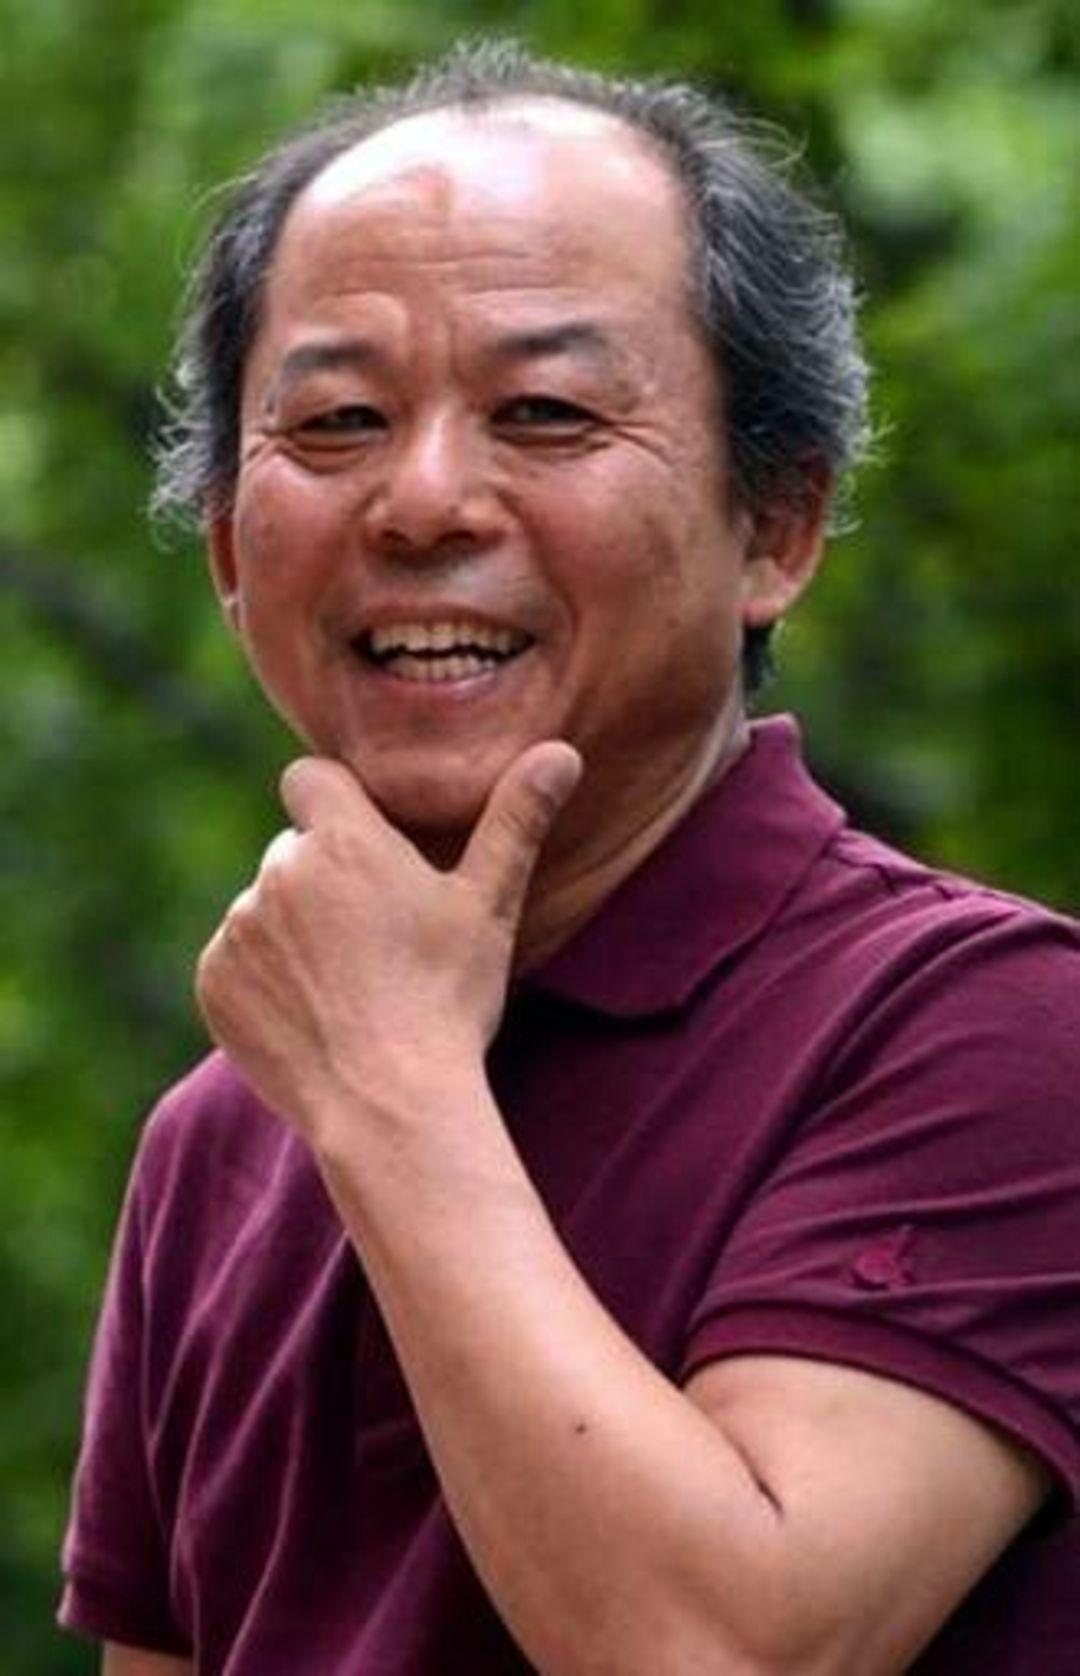 Kim Ki Cheon